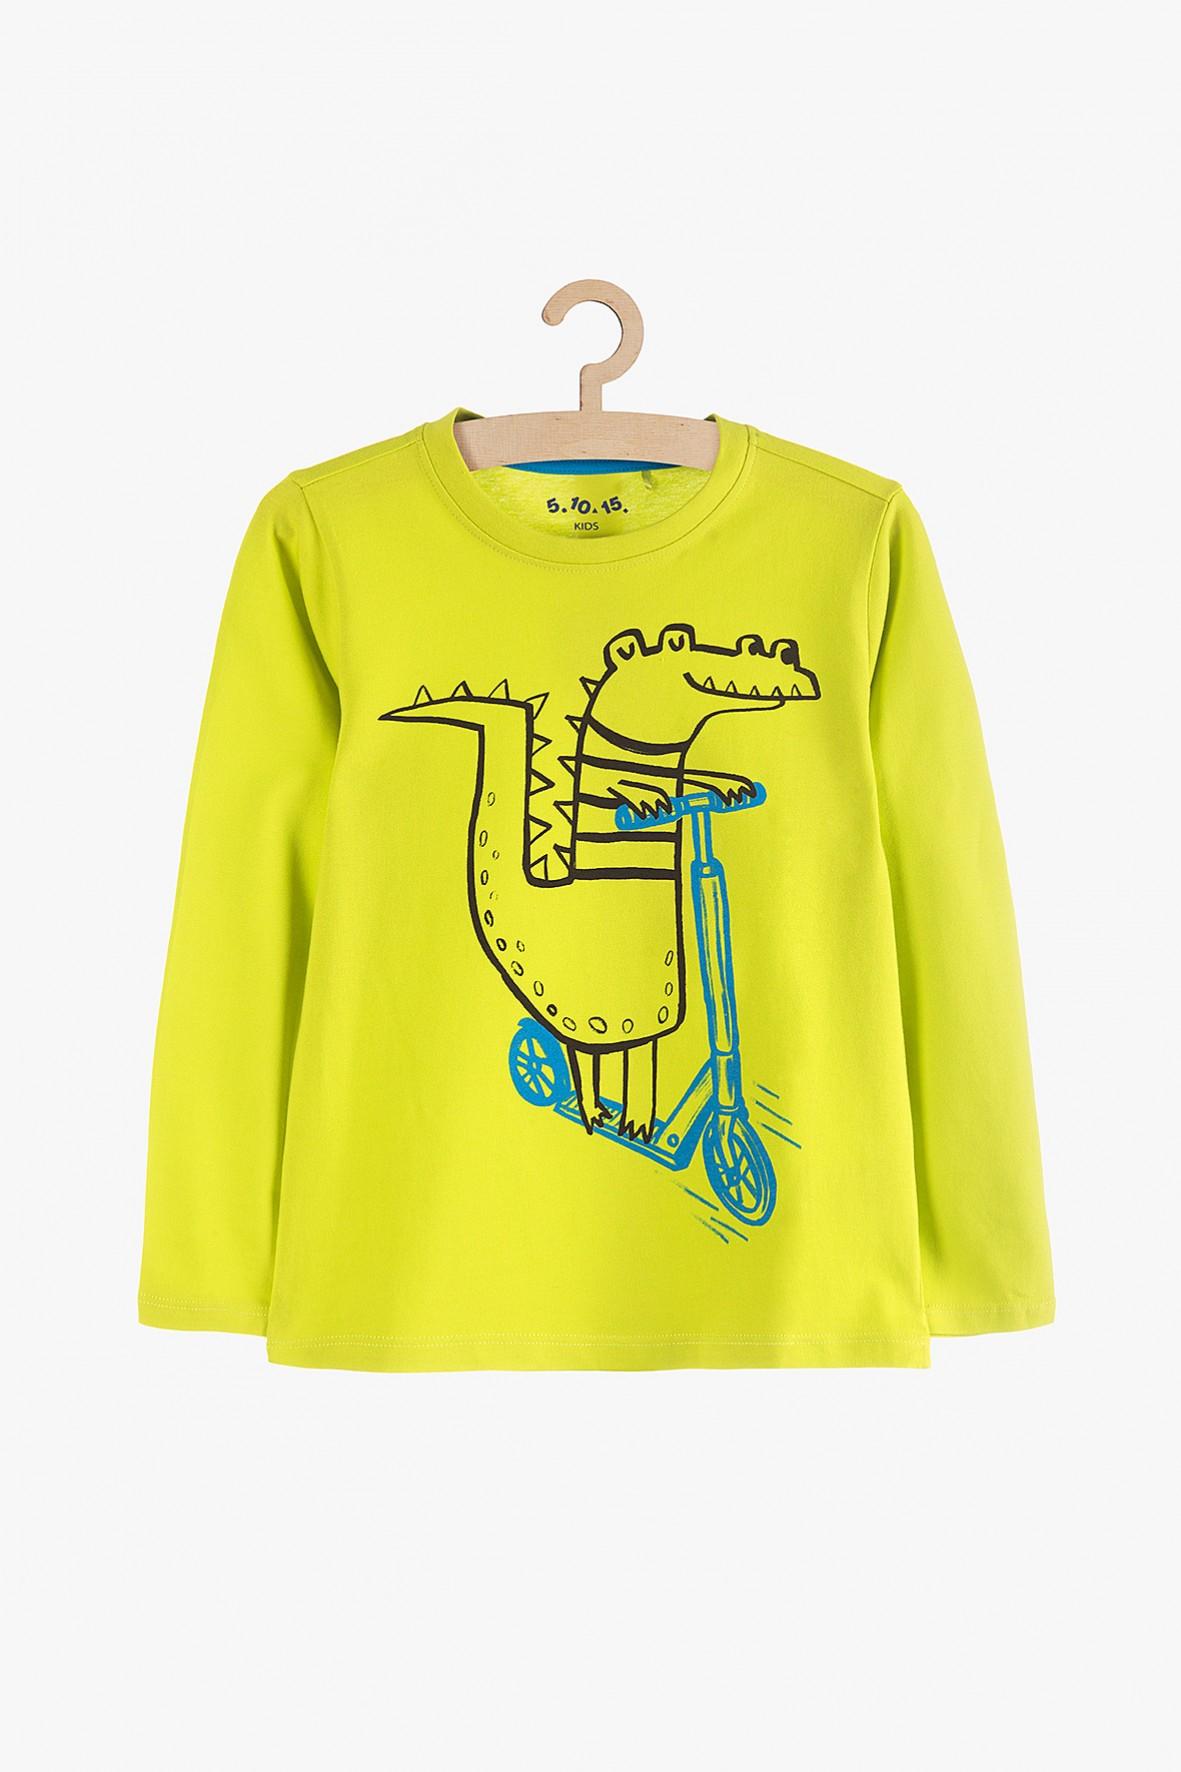 Bluzka chłopięca z długim rękawem - z krokodylem na hulajnodze